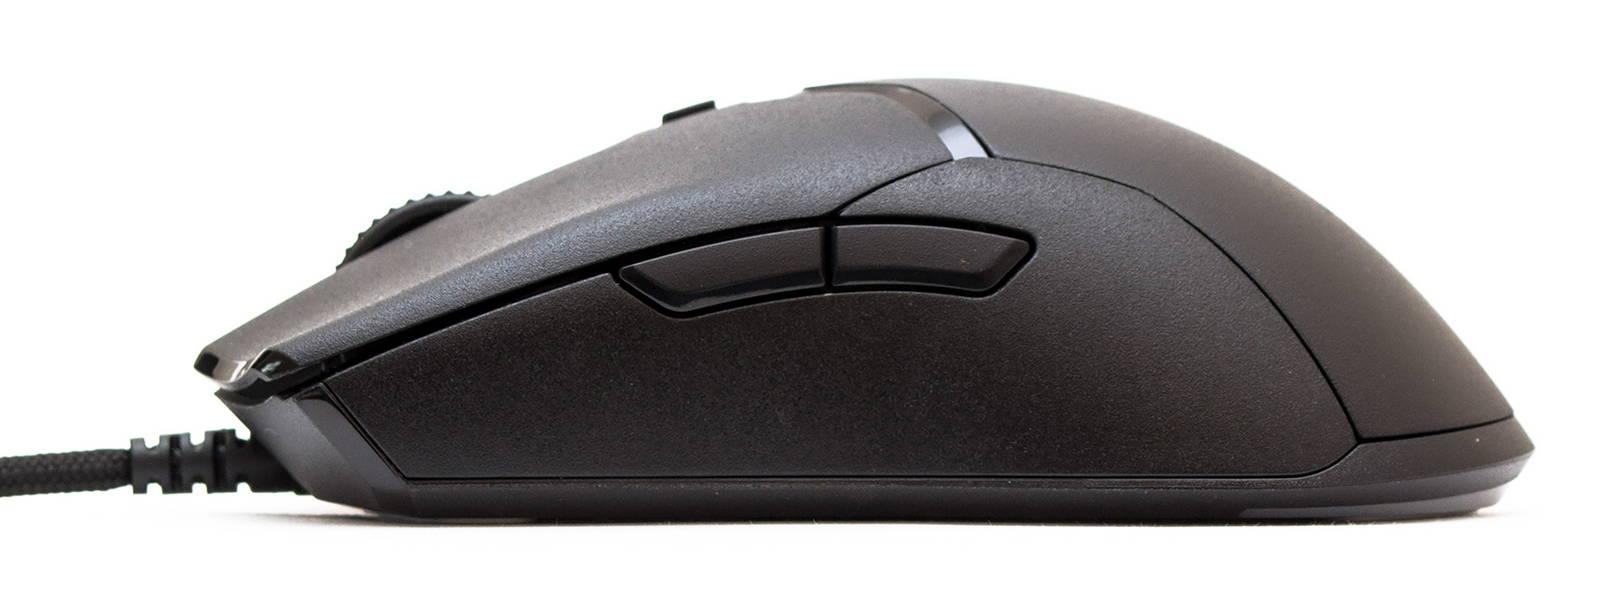 Мышка Razer Viper Mini. Фото 5